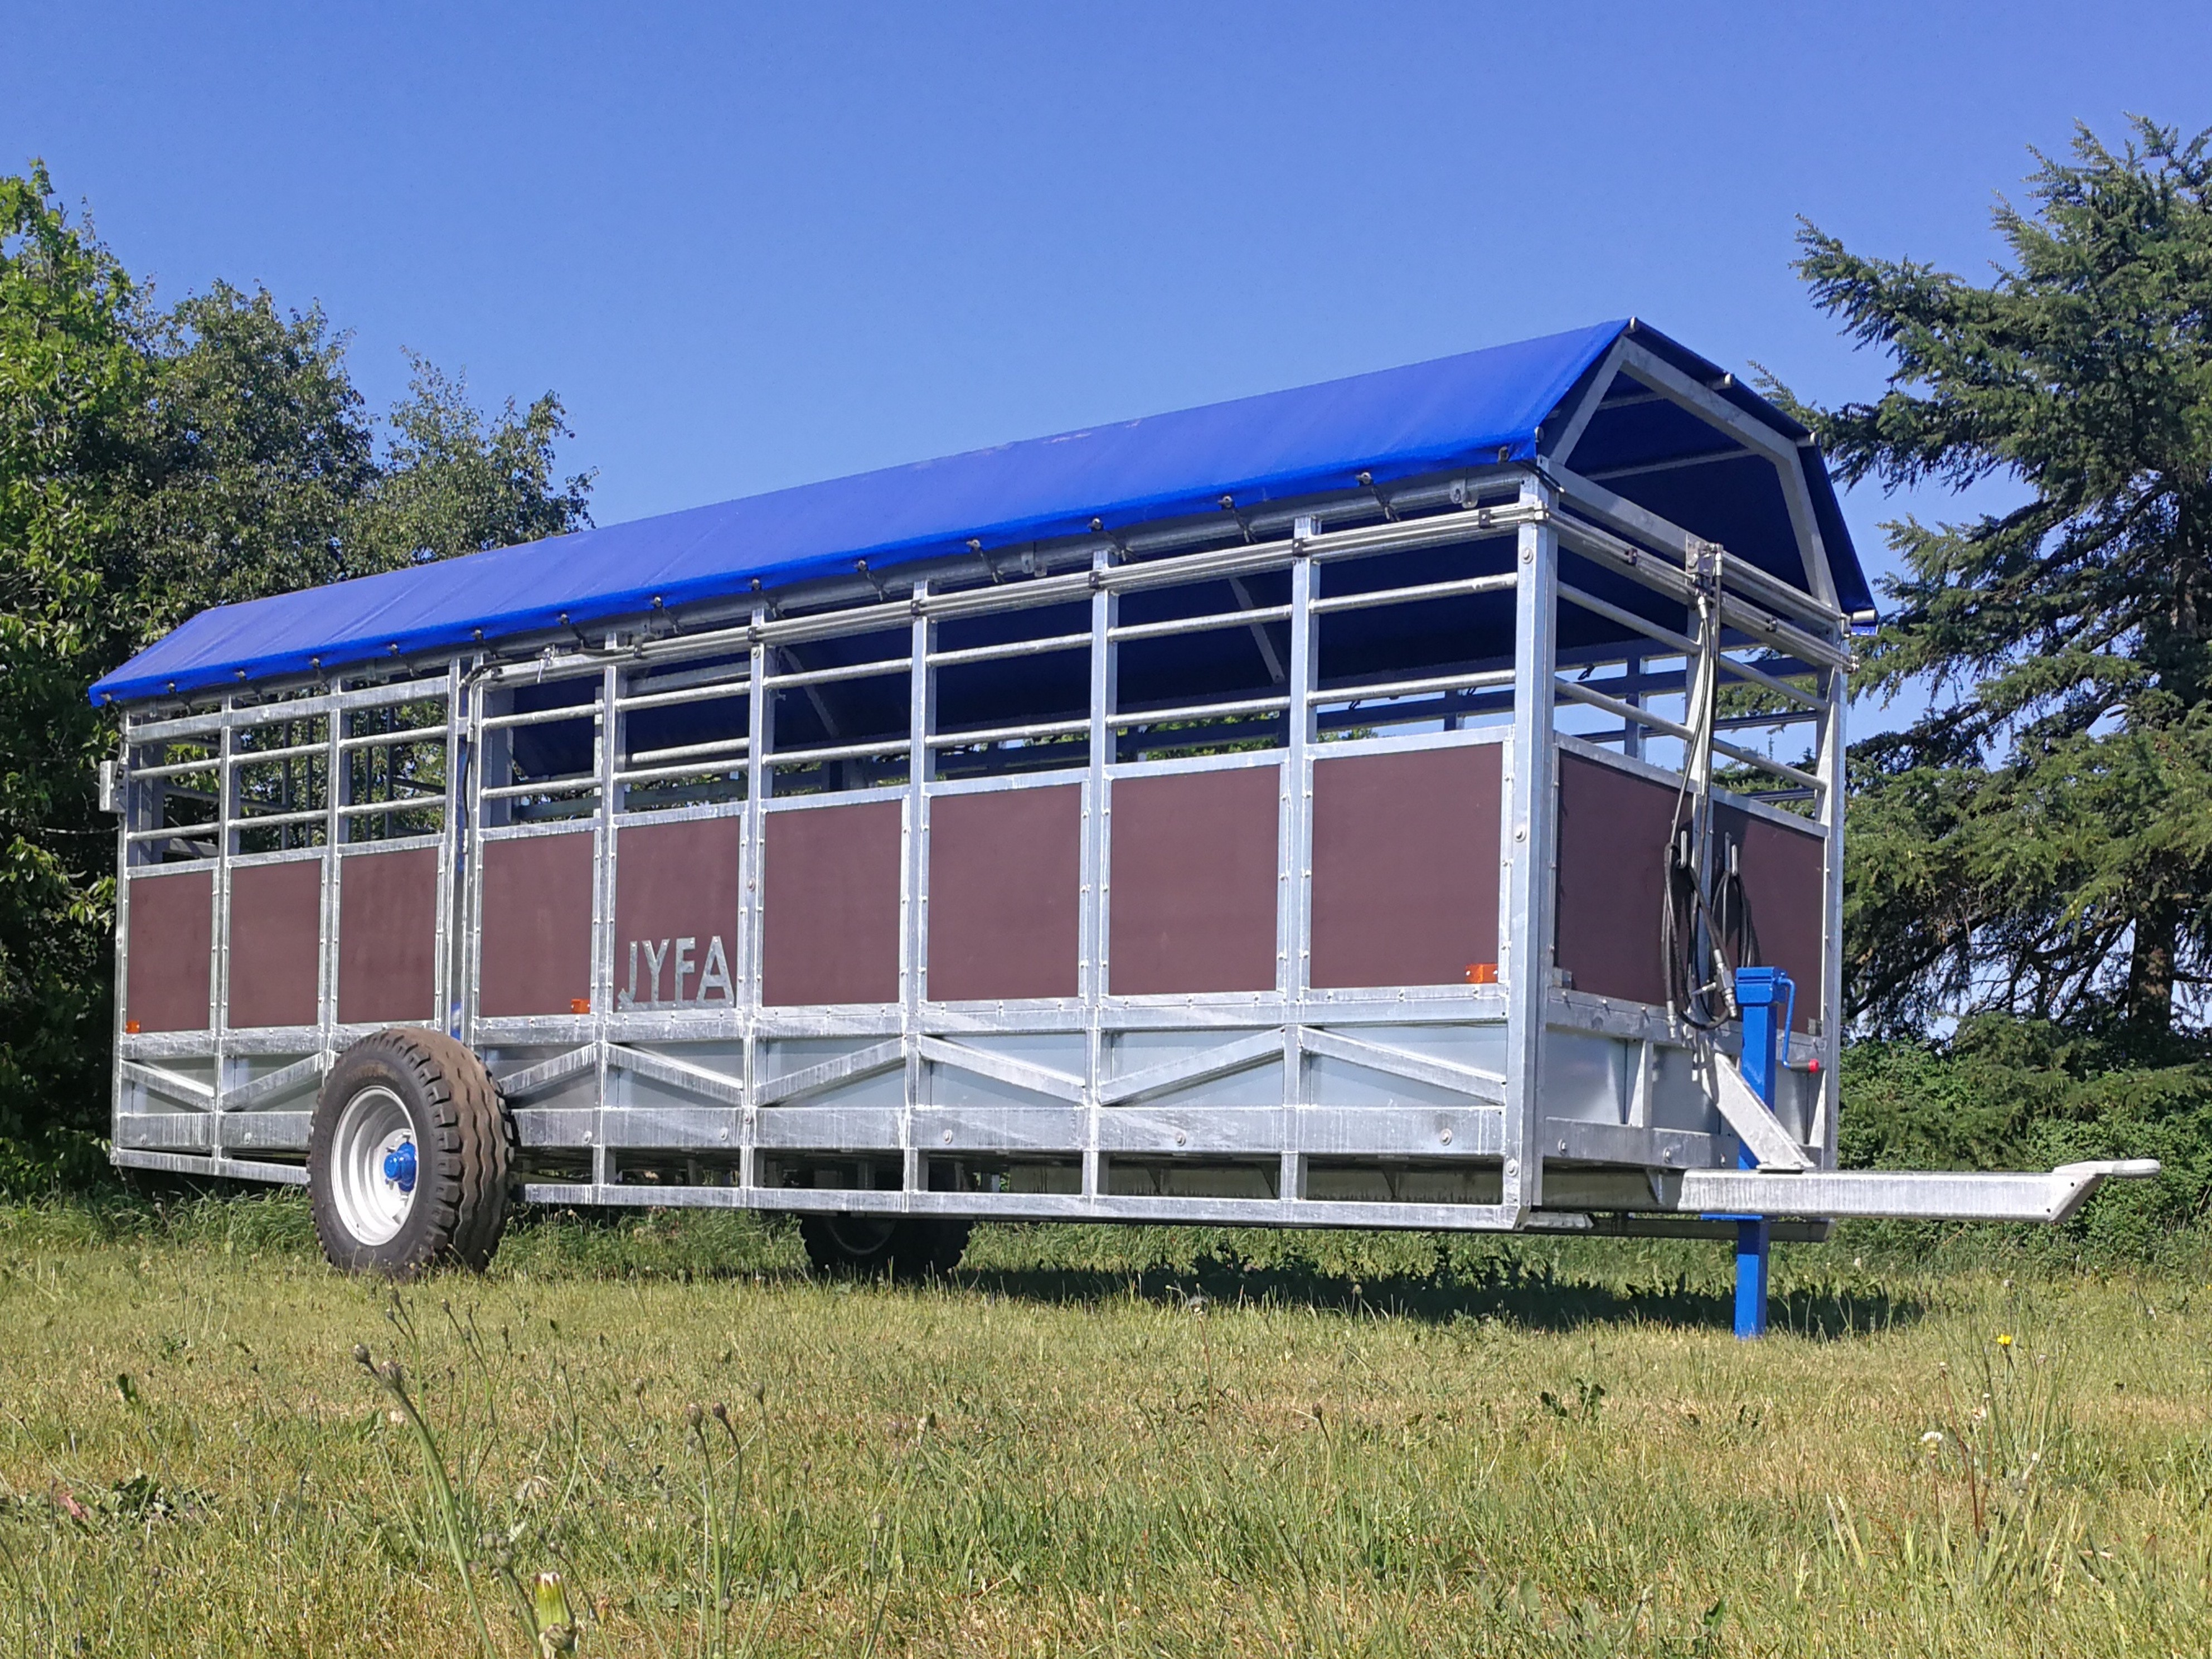 dyretransportvogn til kvæg